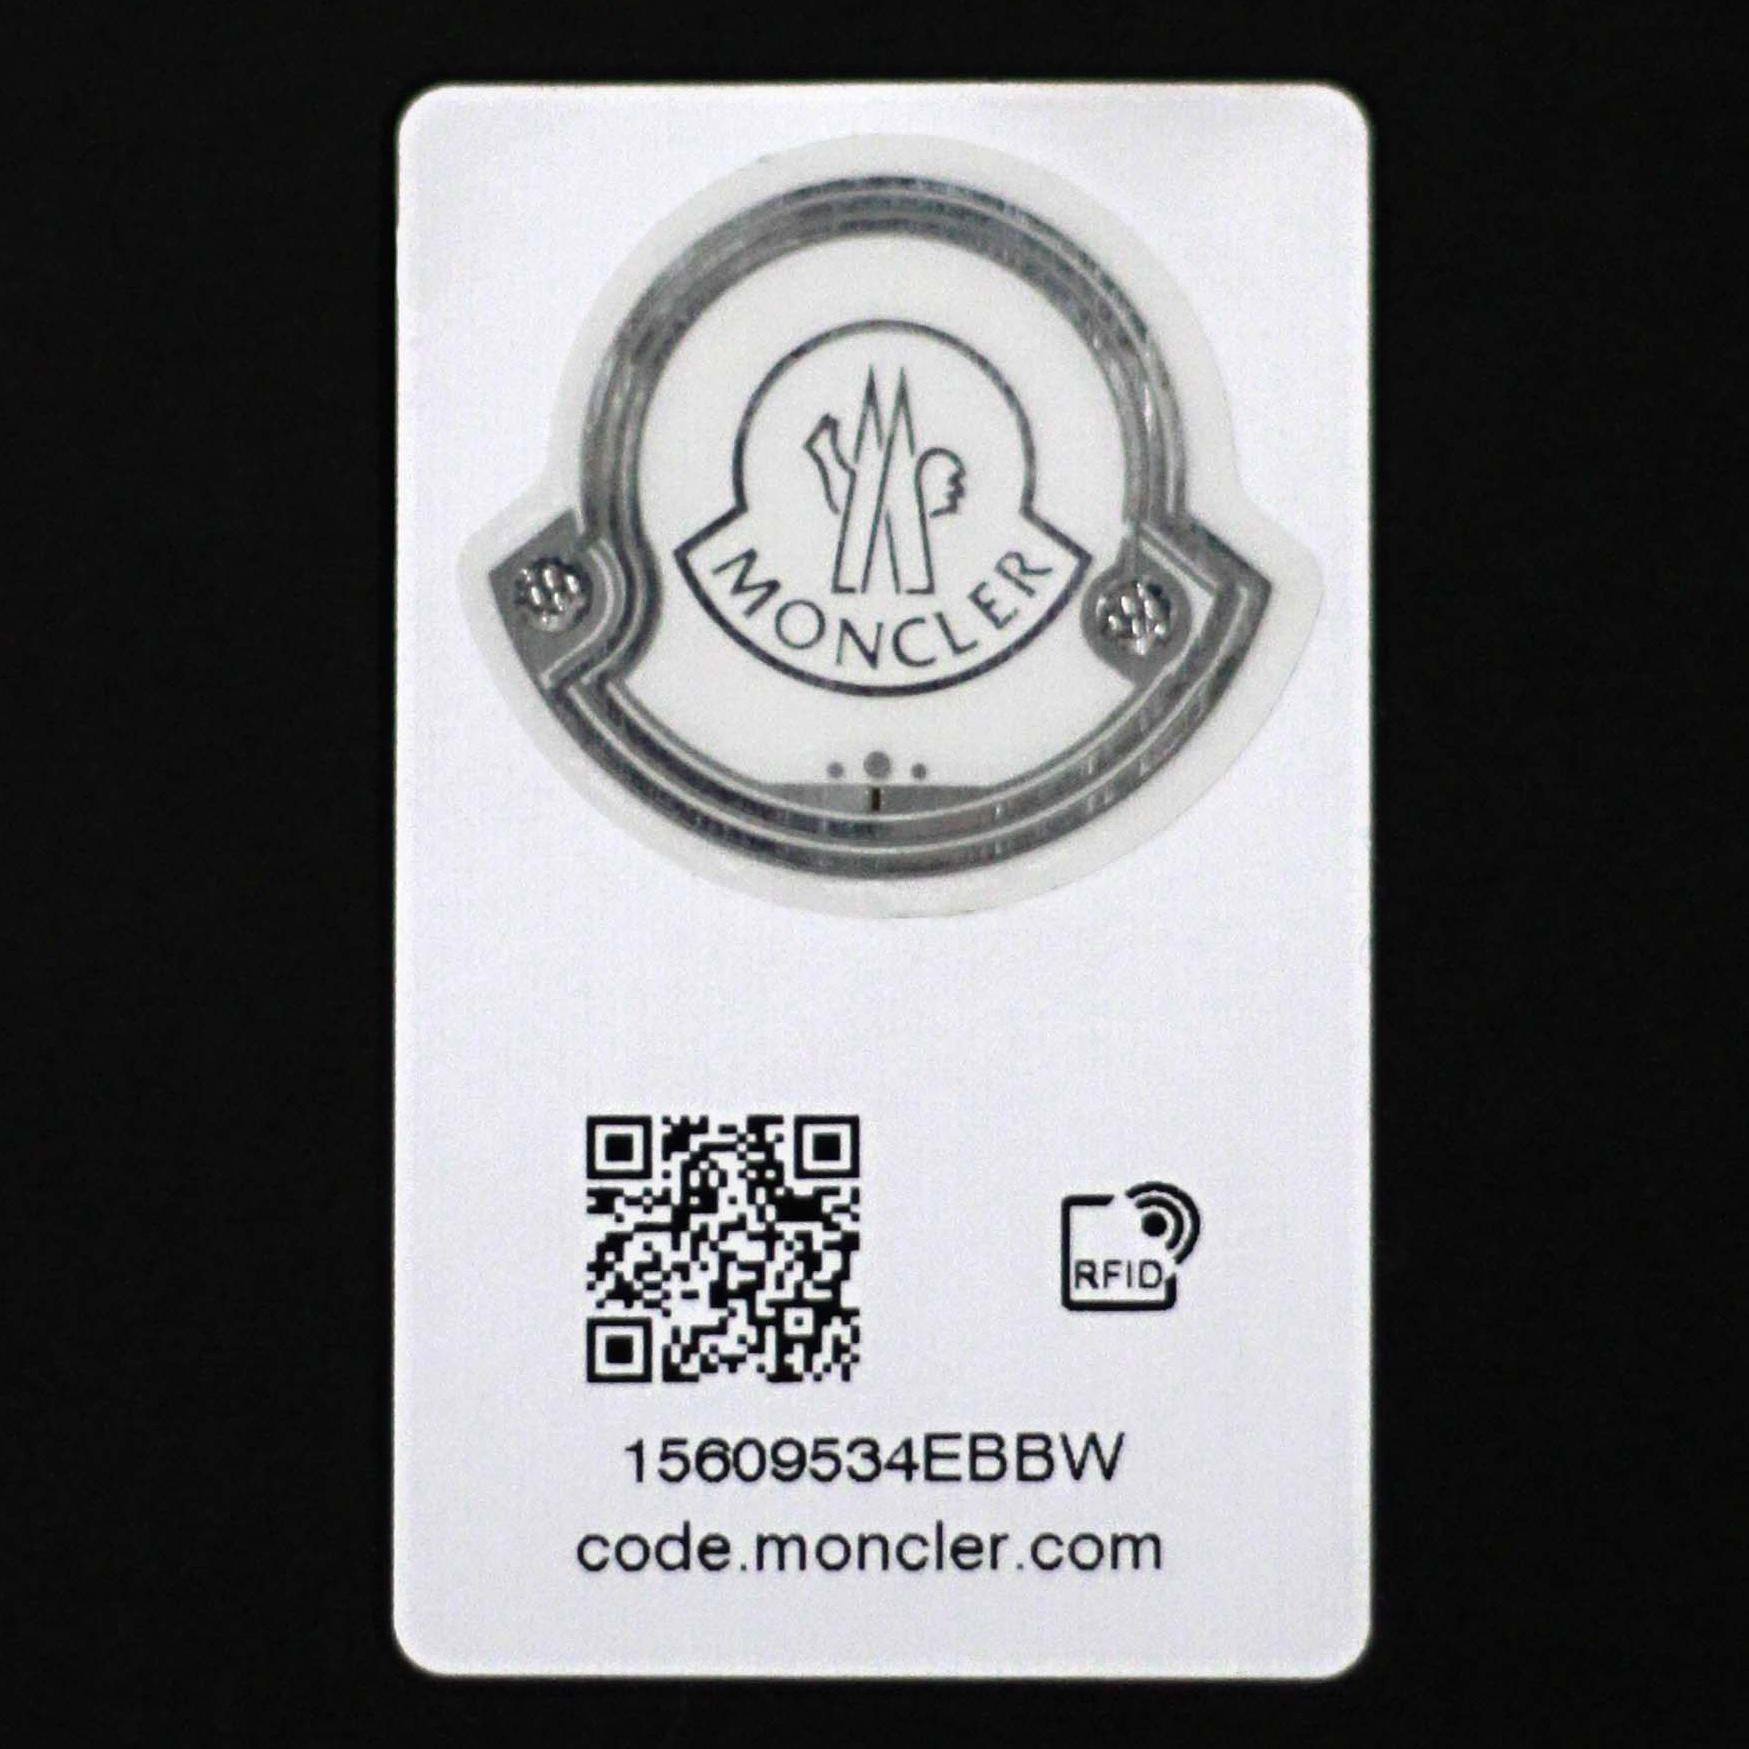 moncler code